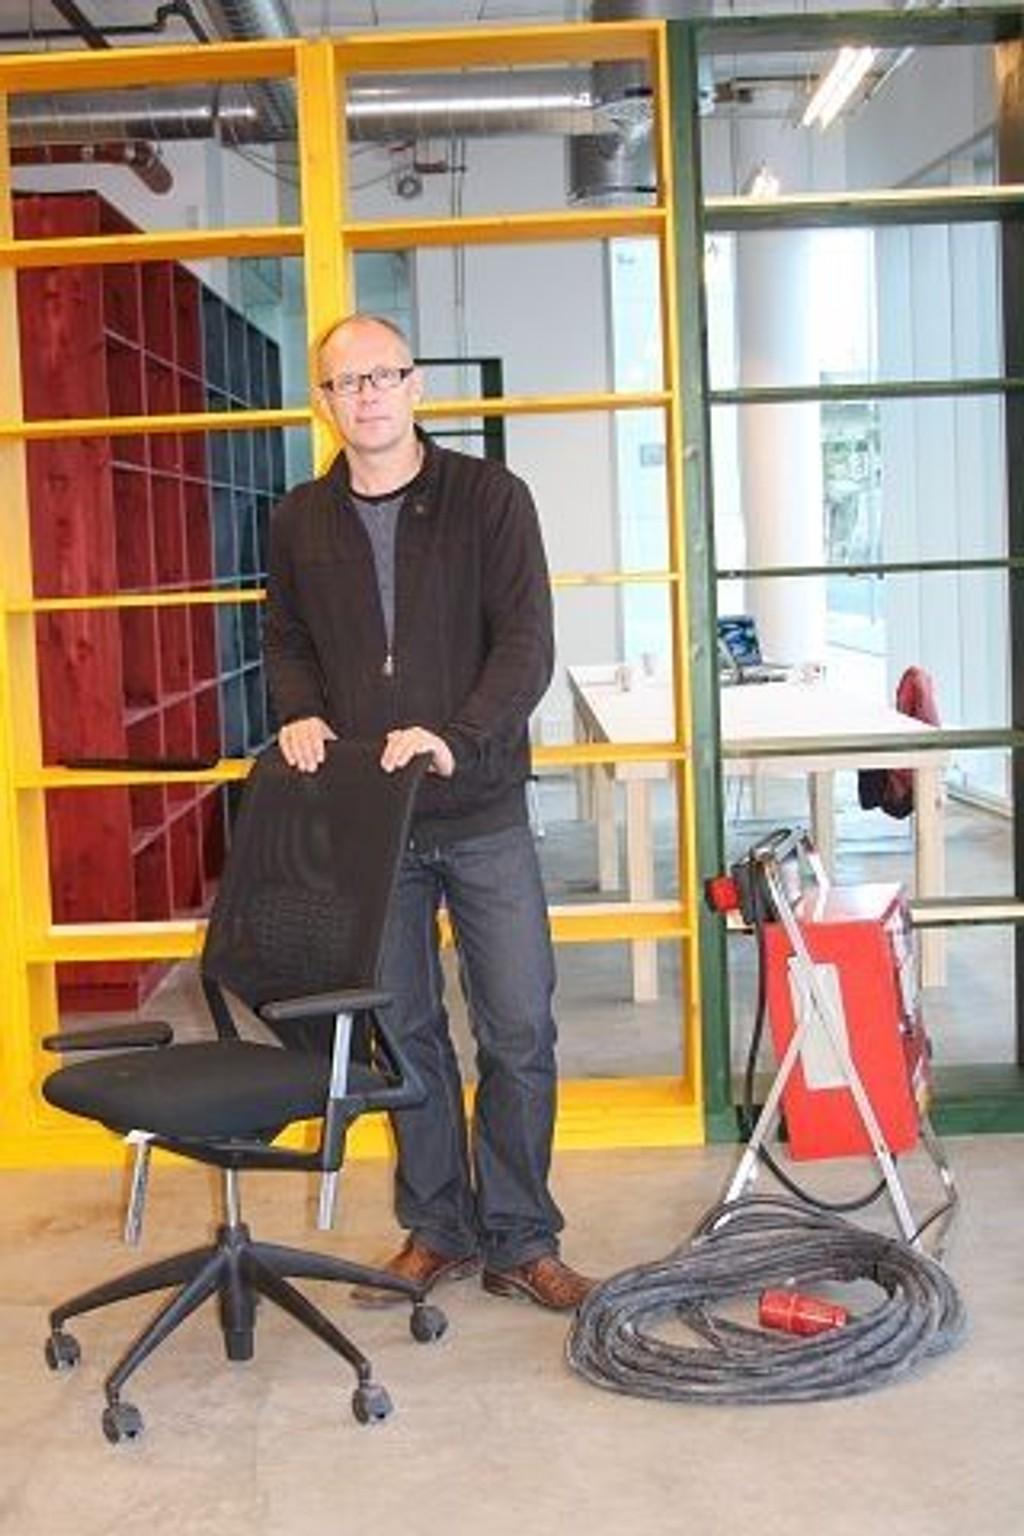 Velkommen! Per Gunnar Eeg-Tverbakk, daglig leder for Kunsthall Oslo, kom i mål til åpningen 17. september. FOTO: ELLEN RØNNING